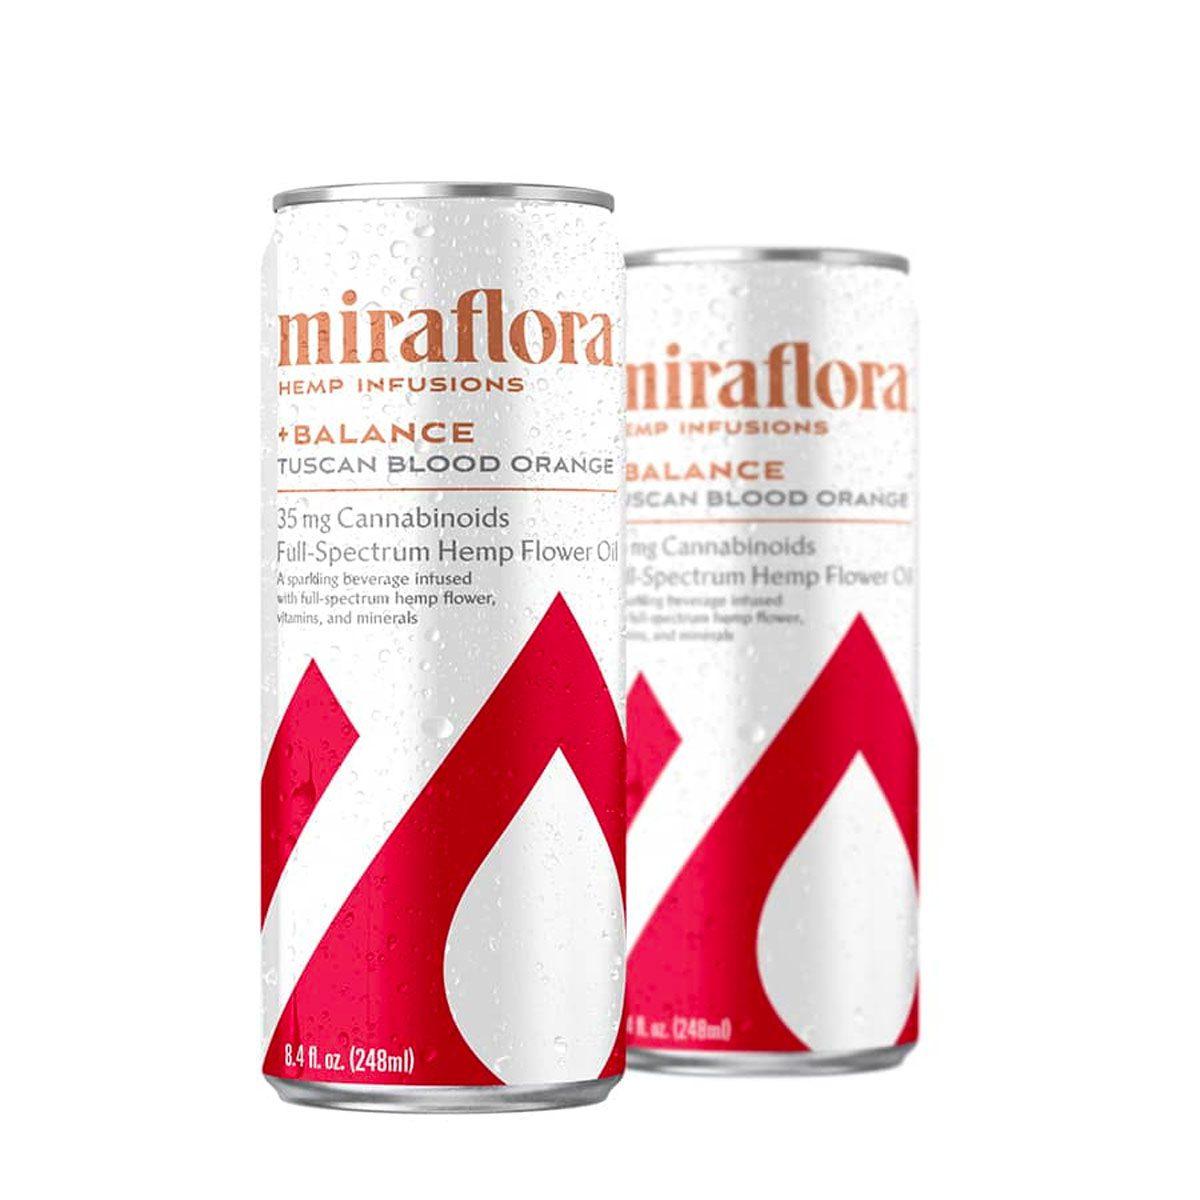 Miraflora CBD Balance Sparkling Water - Tuscan Blood Orange 35mg - Single